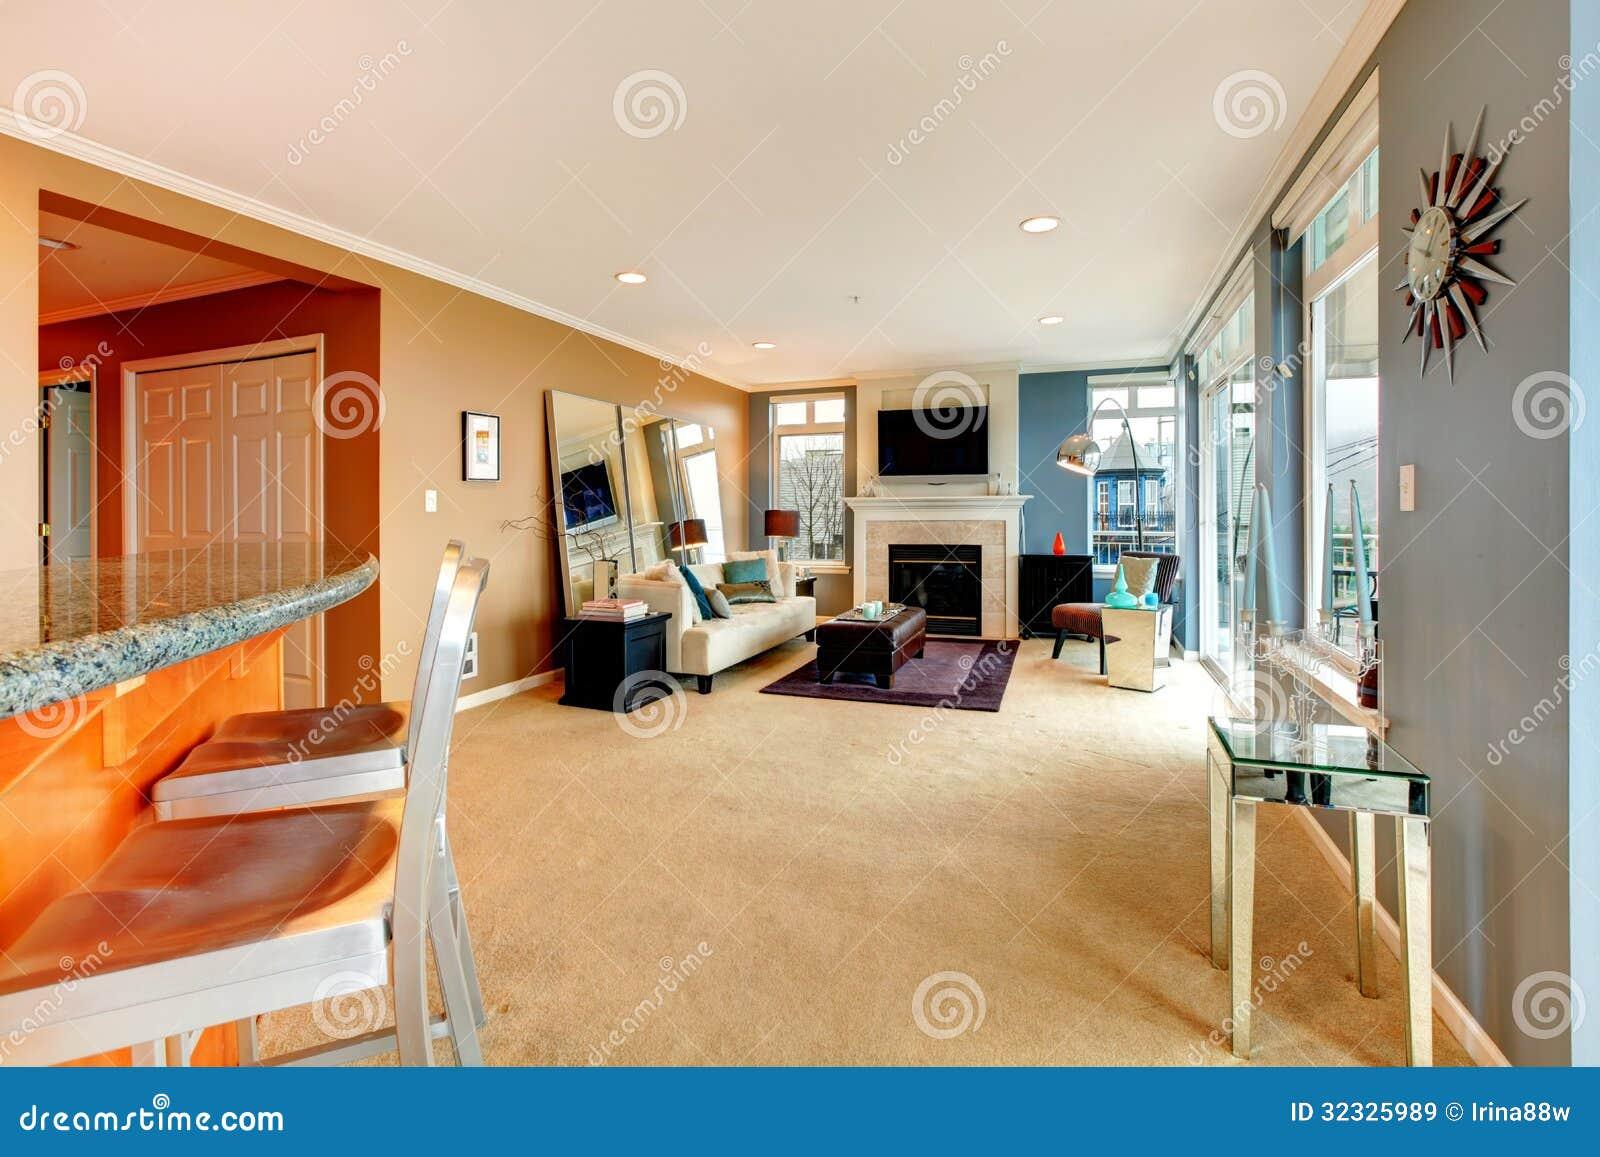 Grote open bochtenwoonkamer met open haard tv en modern meubilair royalty vrije stock - Deco moderne open haard ...